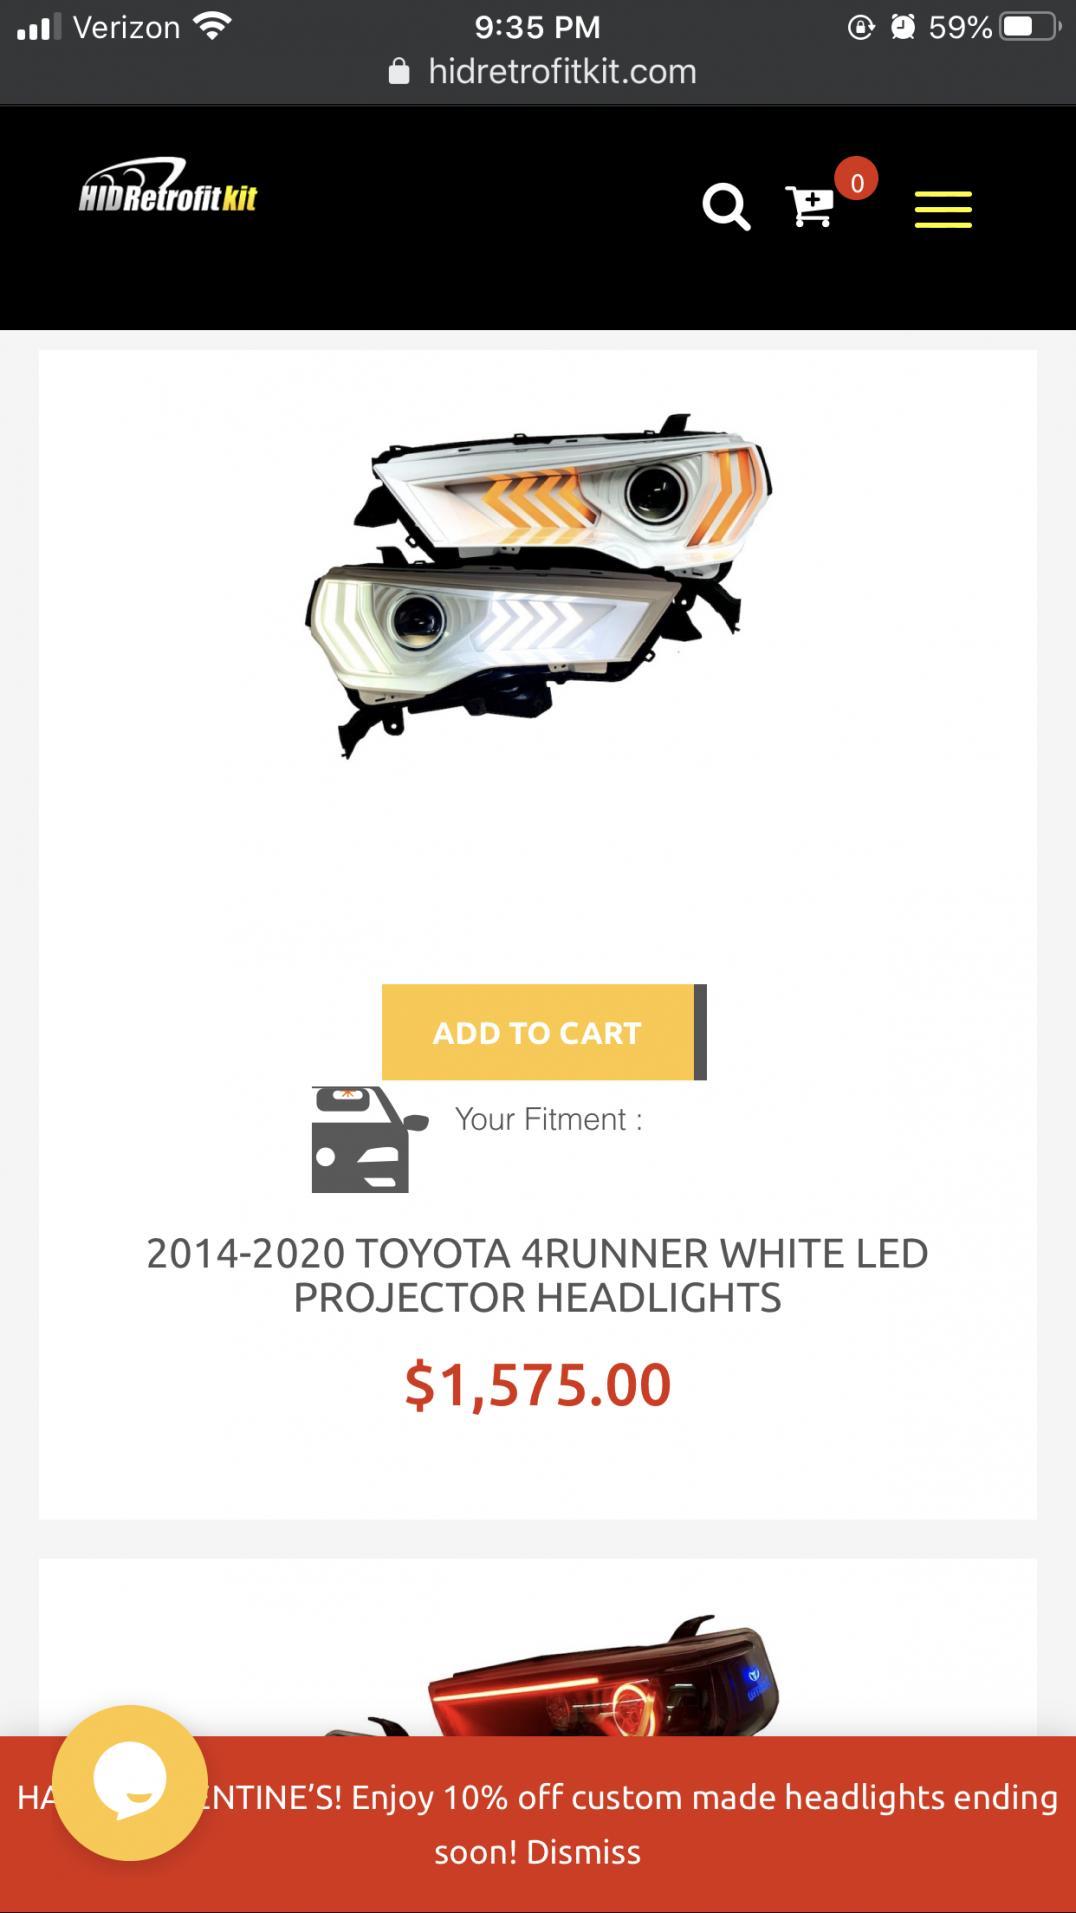 5th Gen Toyota 4Runner Led Headlights Mod-1e96aa05-8b82-4bbe-b69a-081a093f1412-jpg